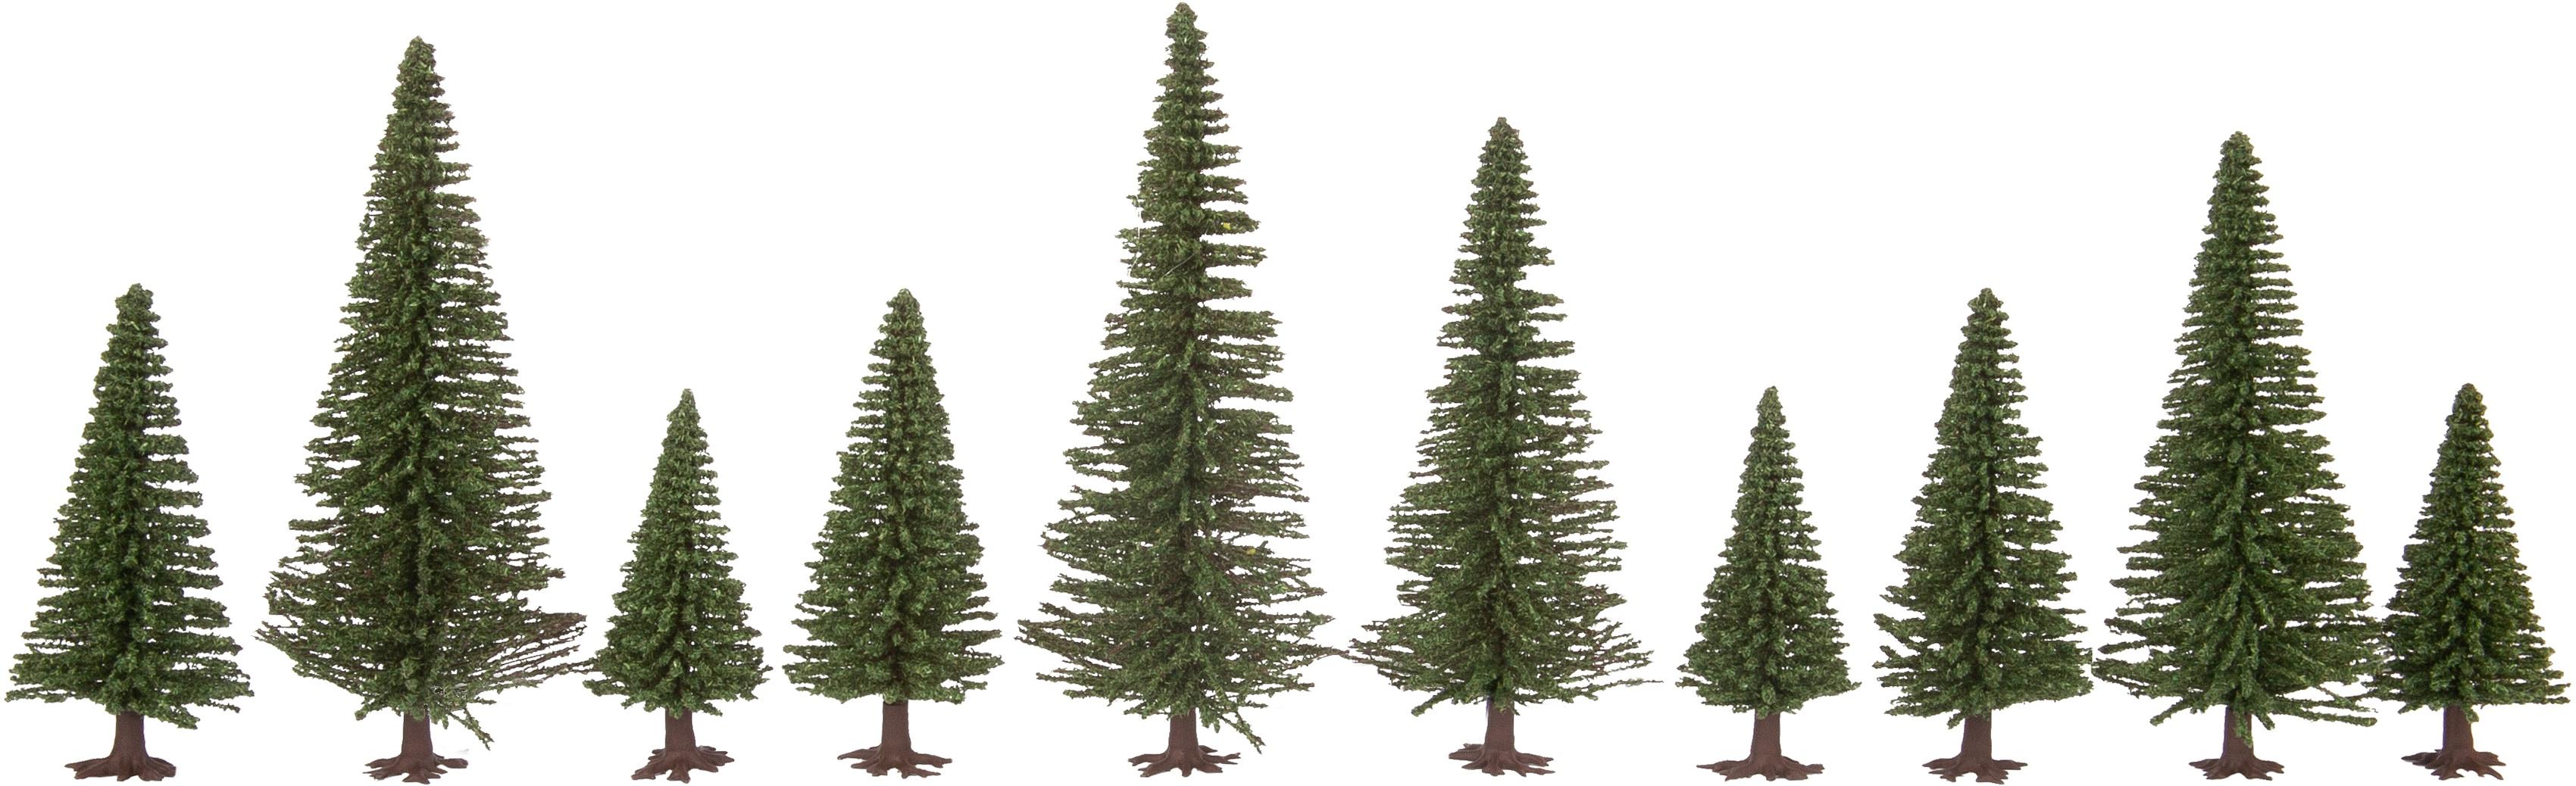 NOCH Modelleisenbahn-Baum Tannen grün Kinder Schienen Zubehör Modelleisenbahnen Autos, Eisenbahn Modellbau